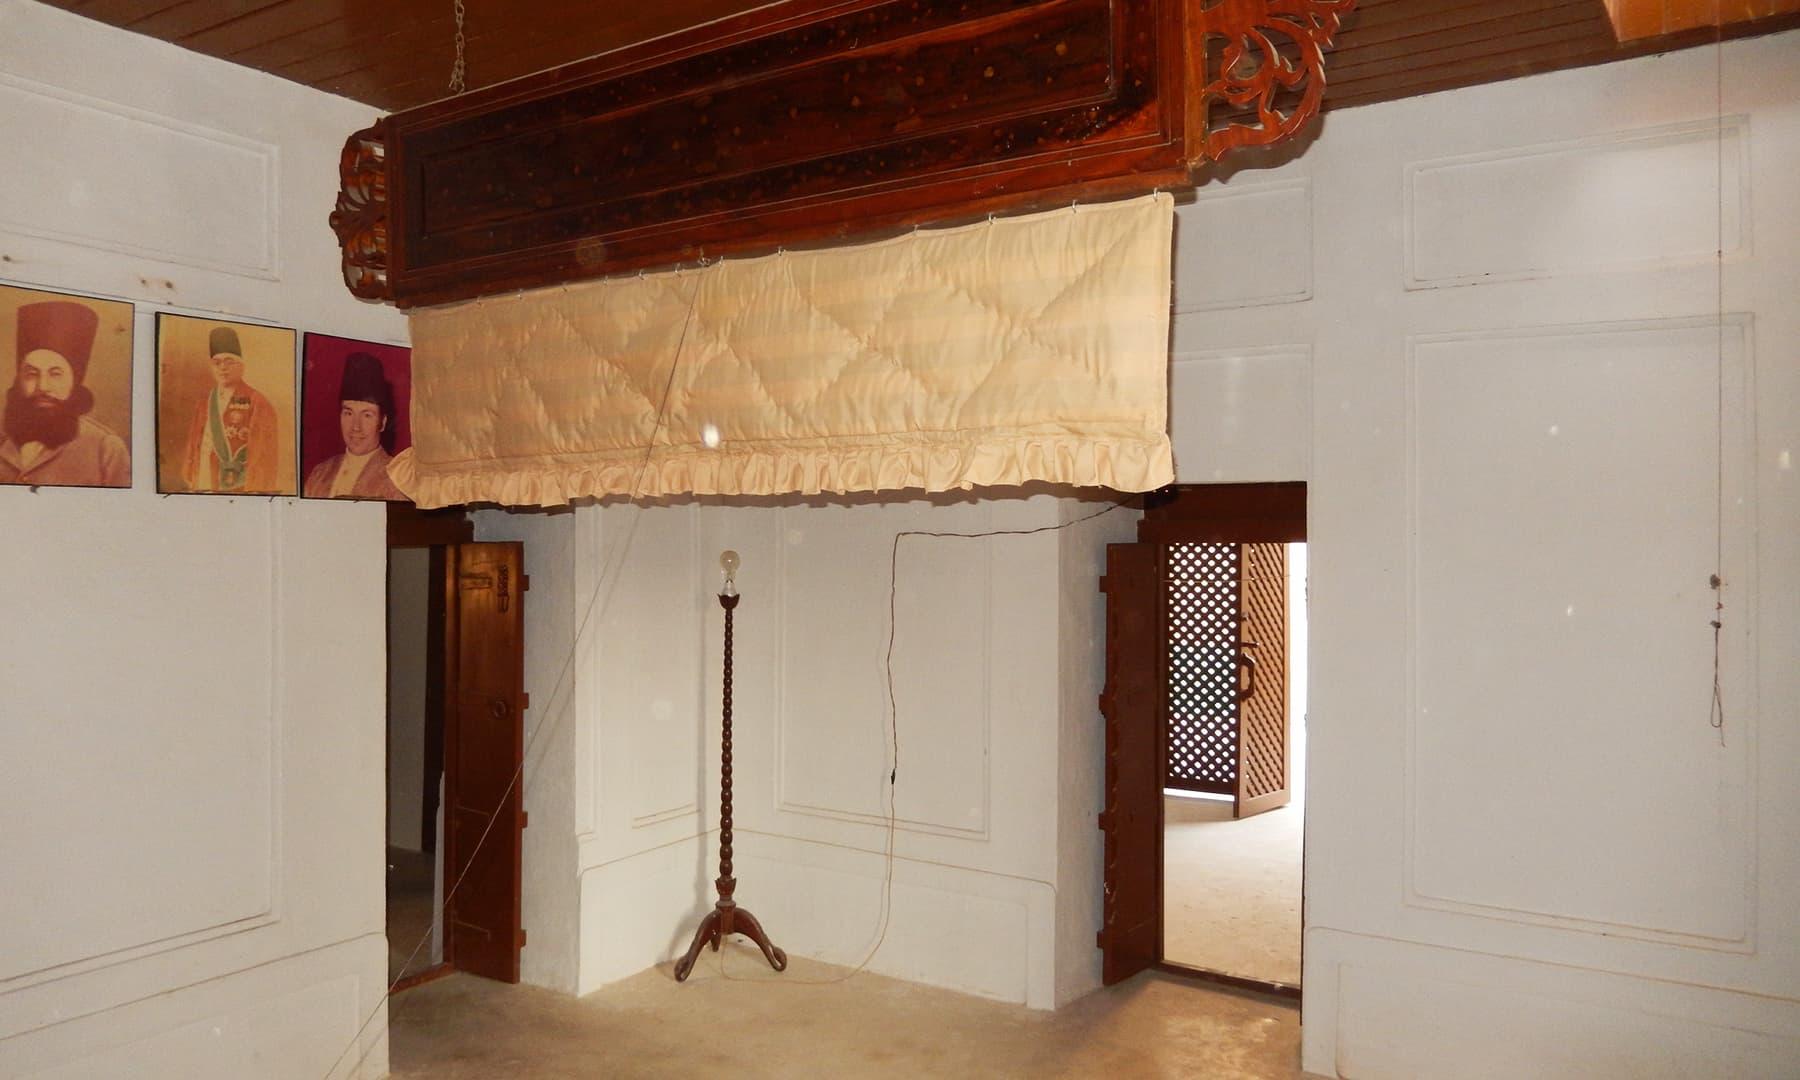 محل کا ایک کمرہ — تصویر ابوبکر شیخ